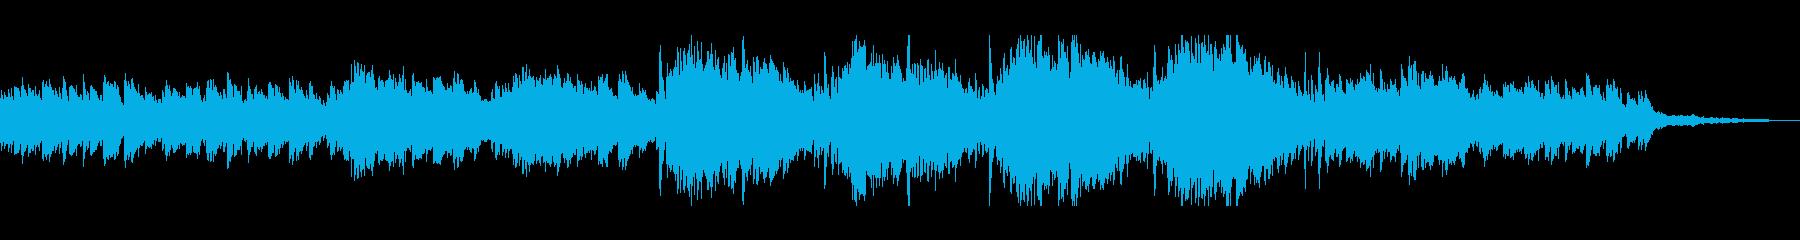 そよ風が吹くようなピアノ奏法の再生済みの波形